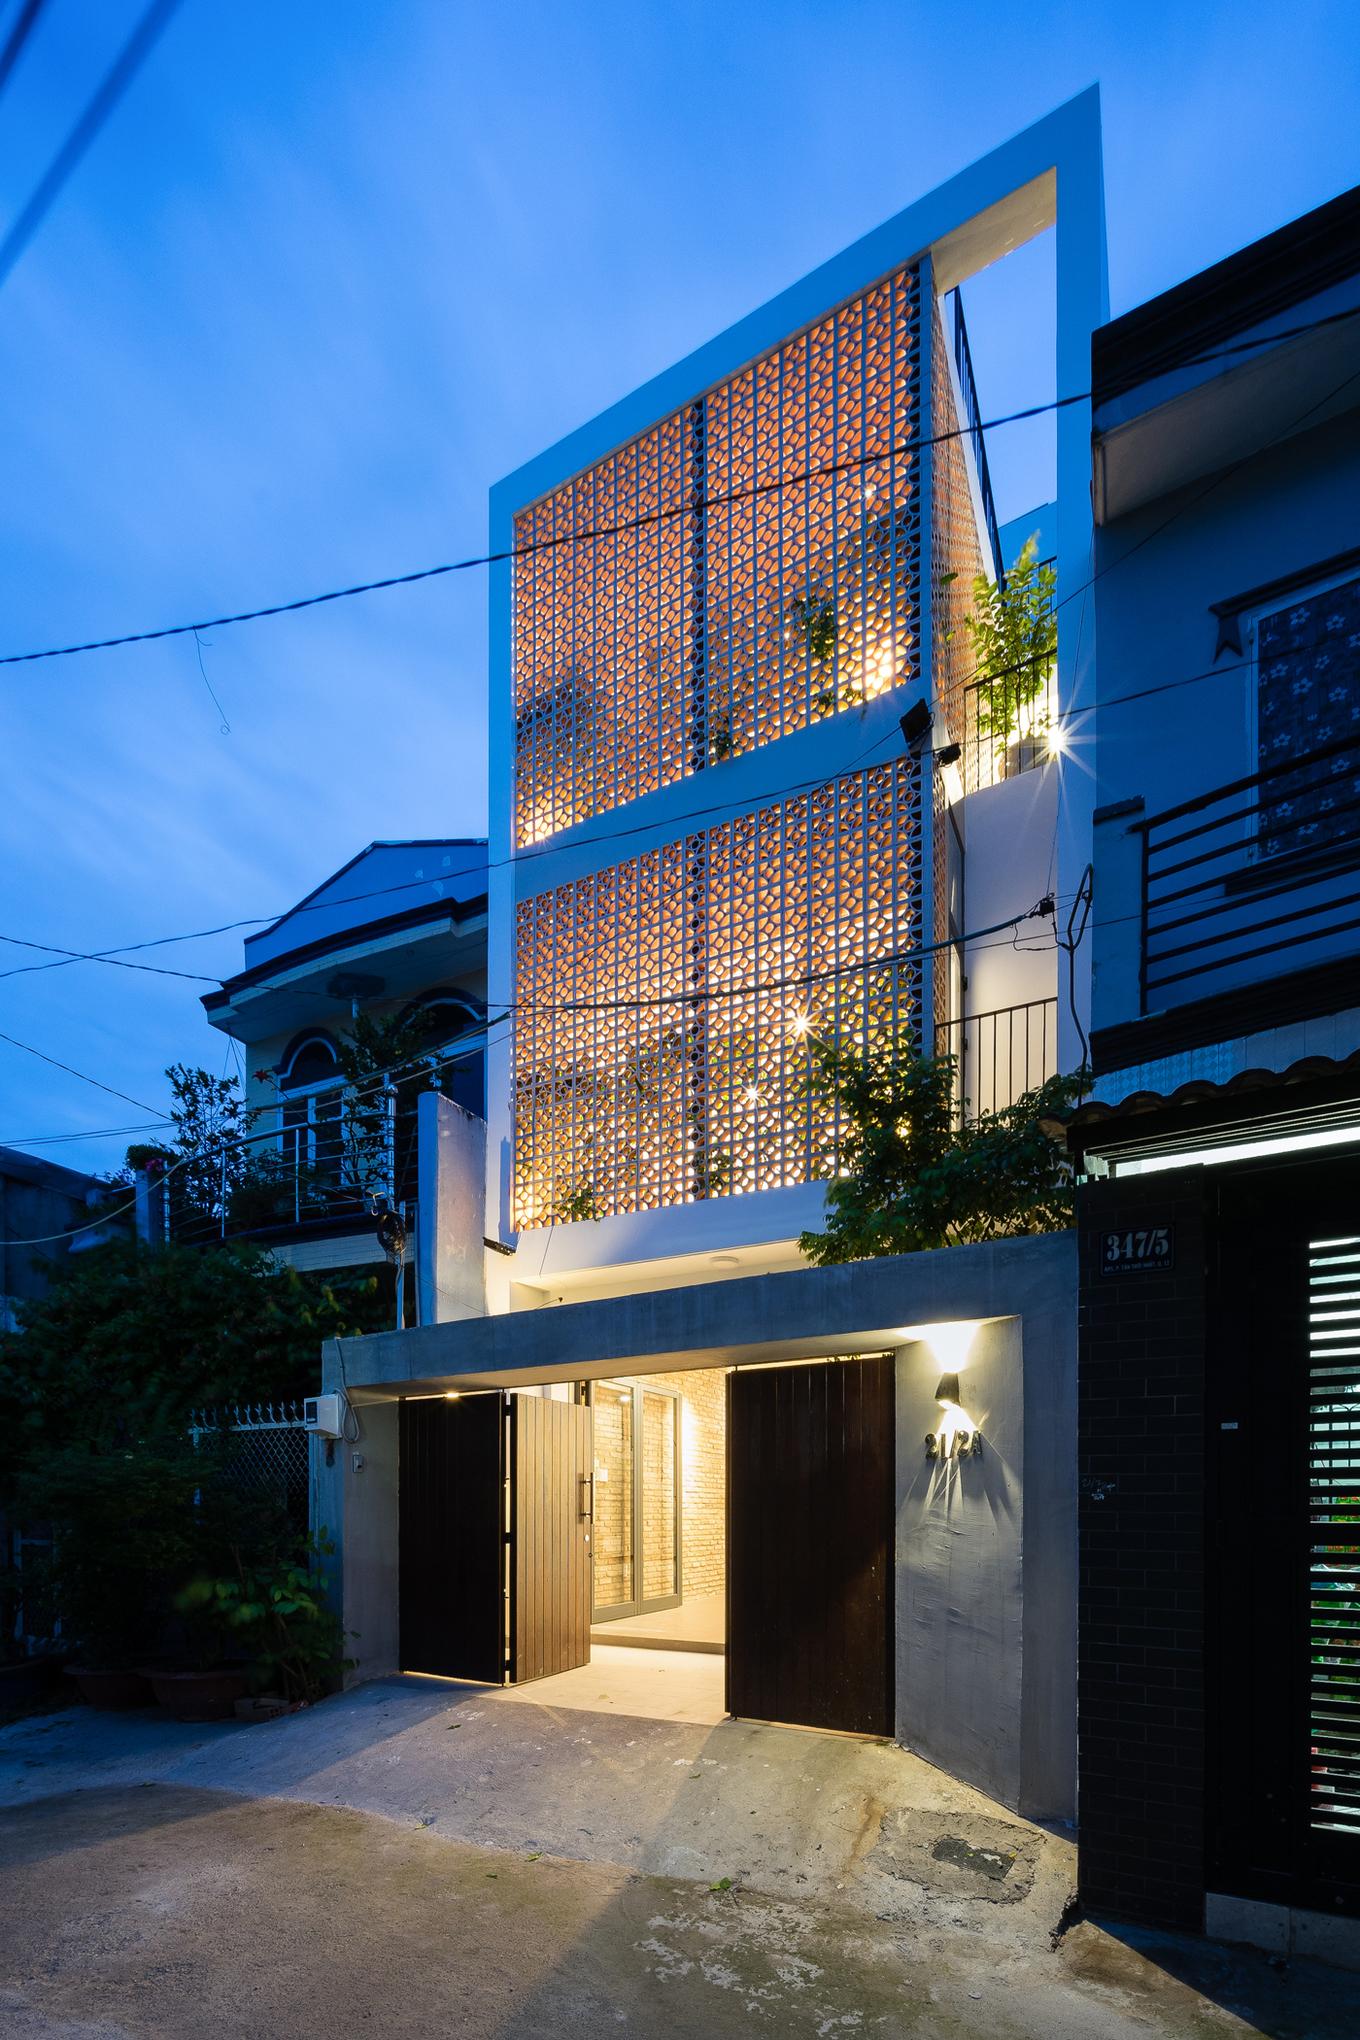 Chấp nhận bỏ 'view mặt tiền', ngôi nhà Sài Gòn hướng Tây mát rượi